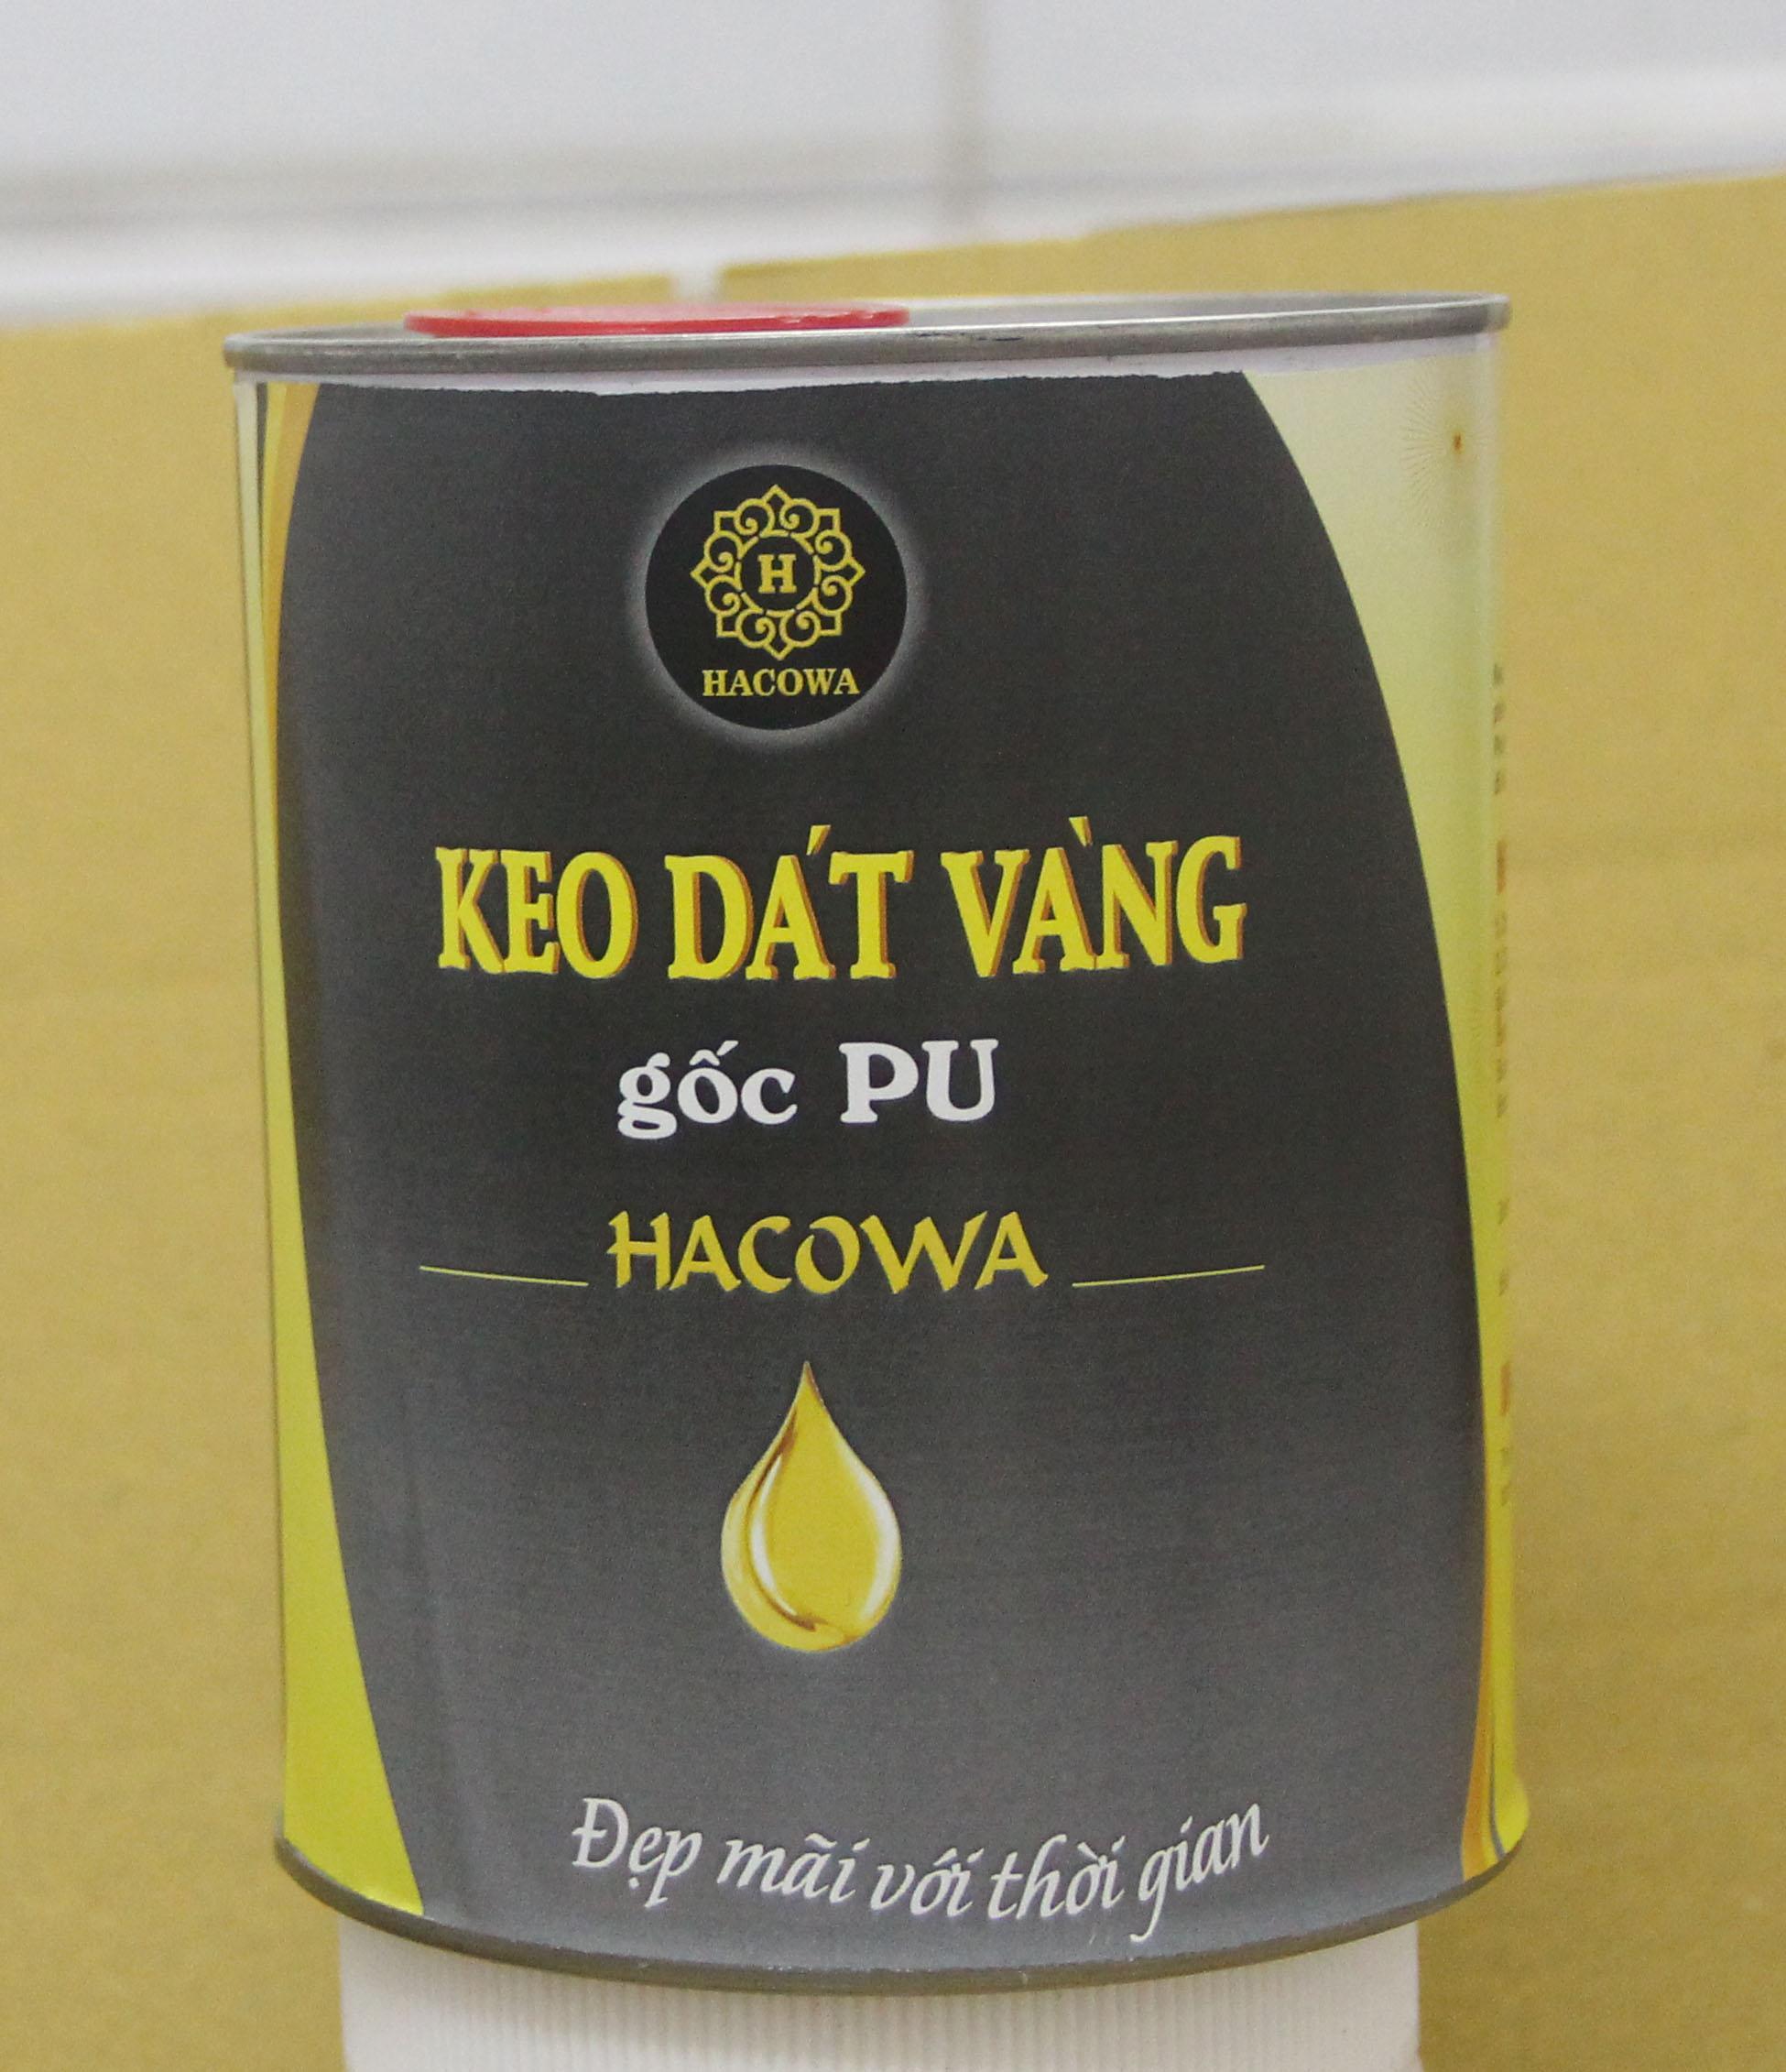 Mua Keo dát vàng gốc dầu